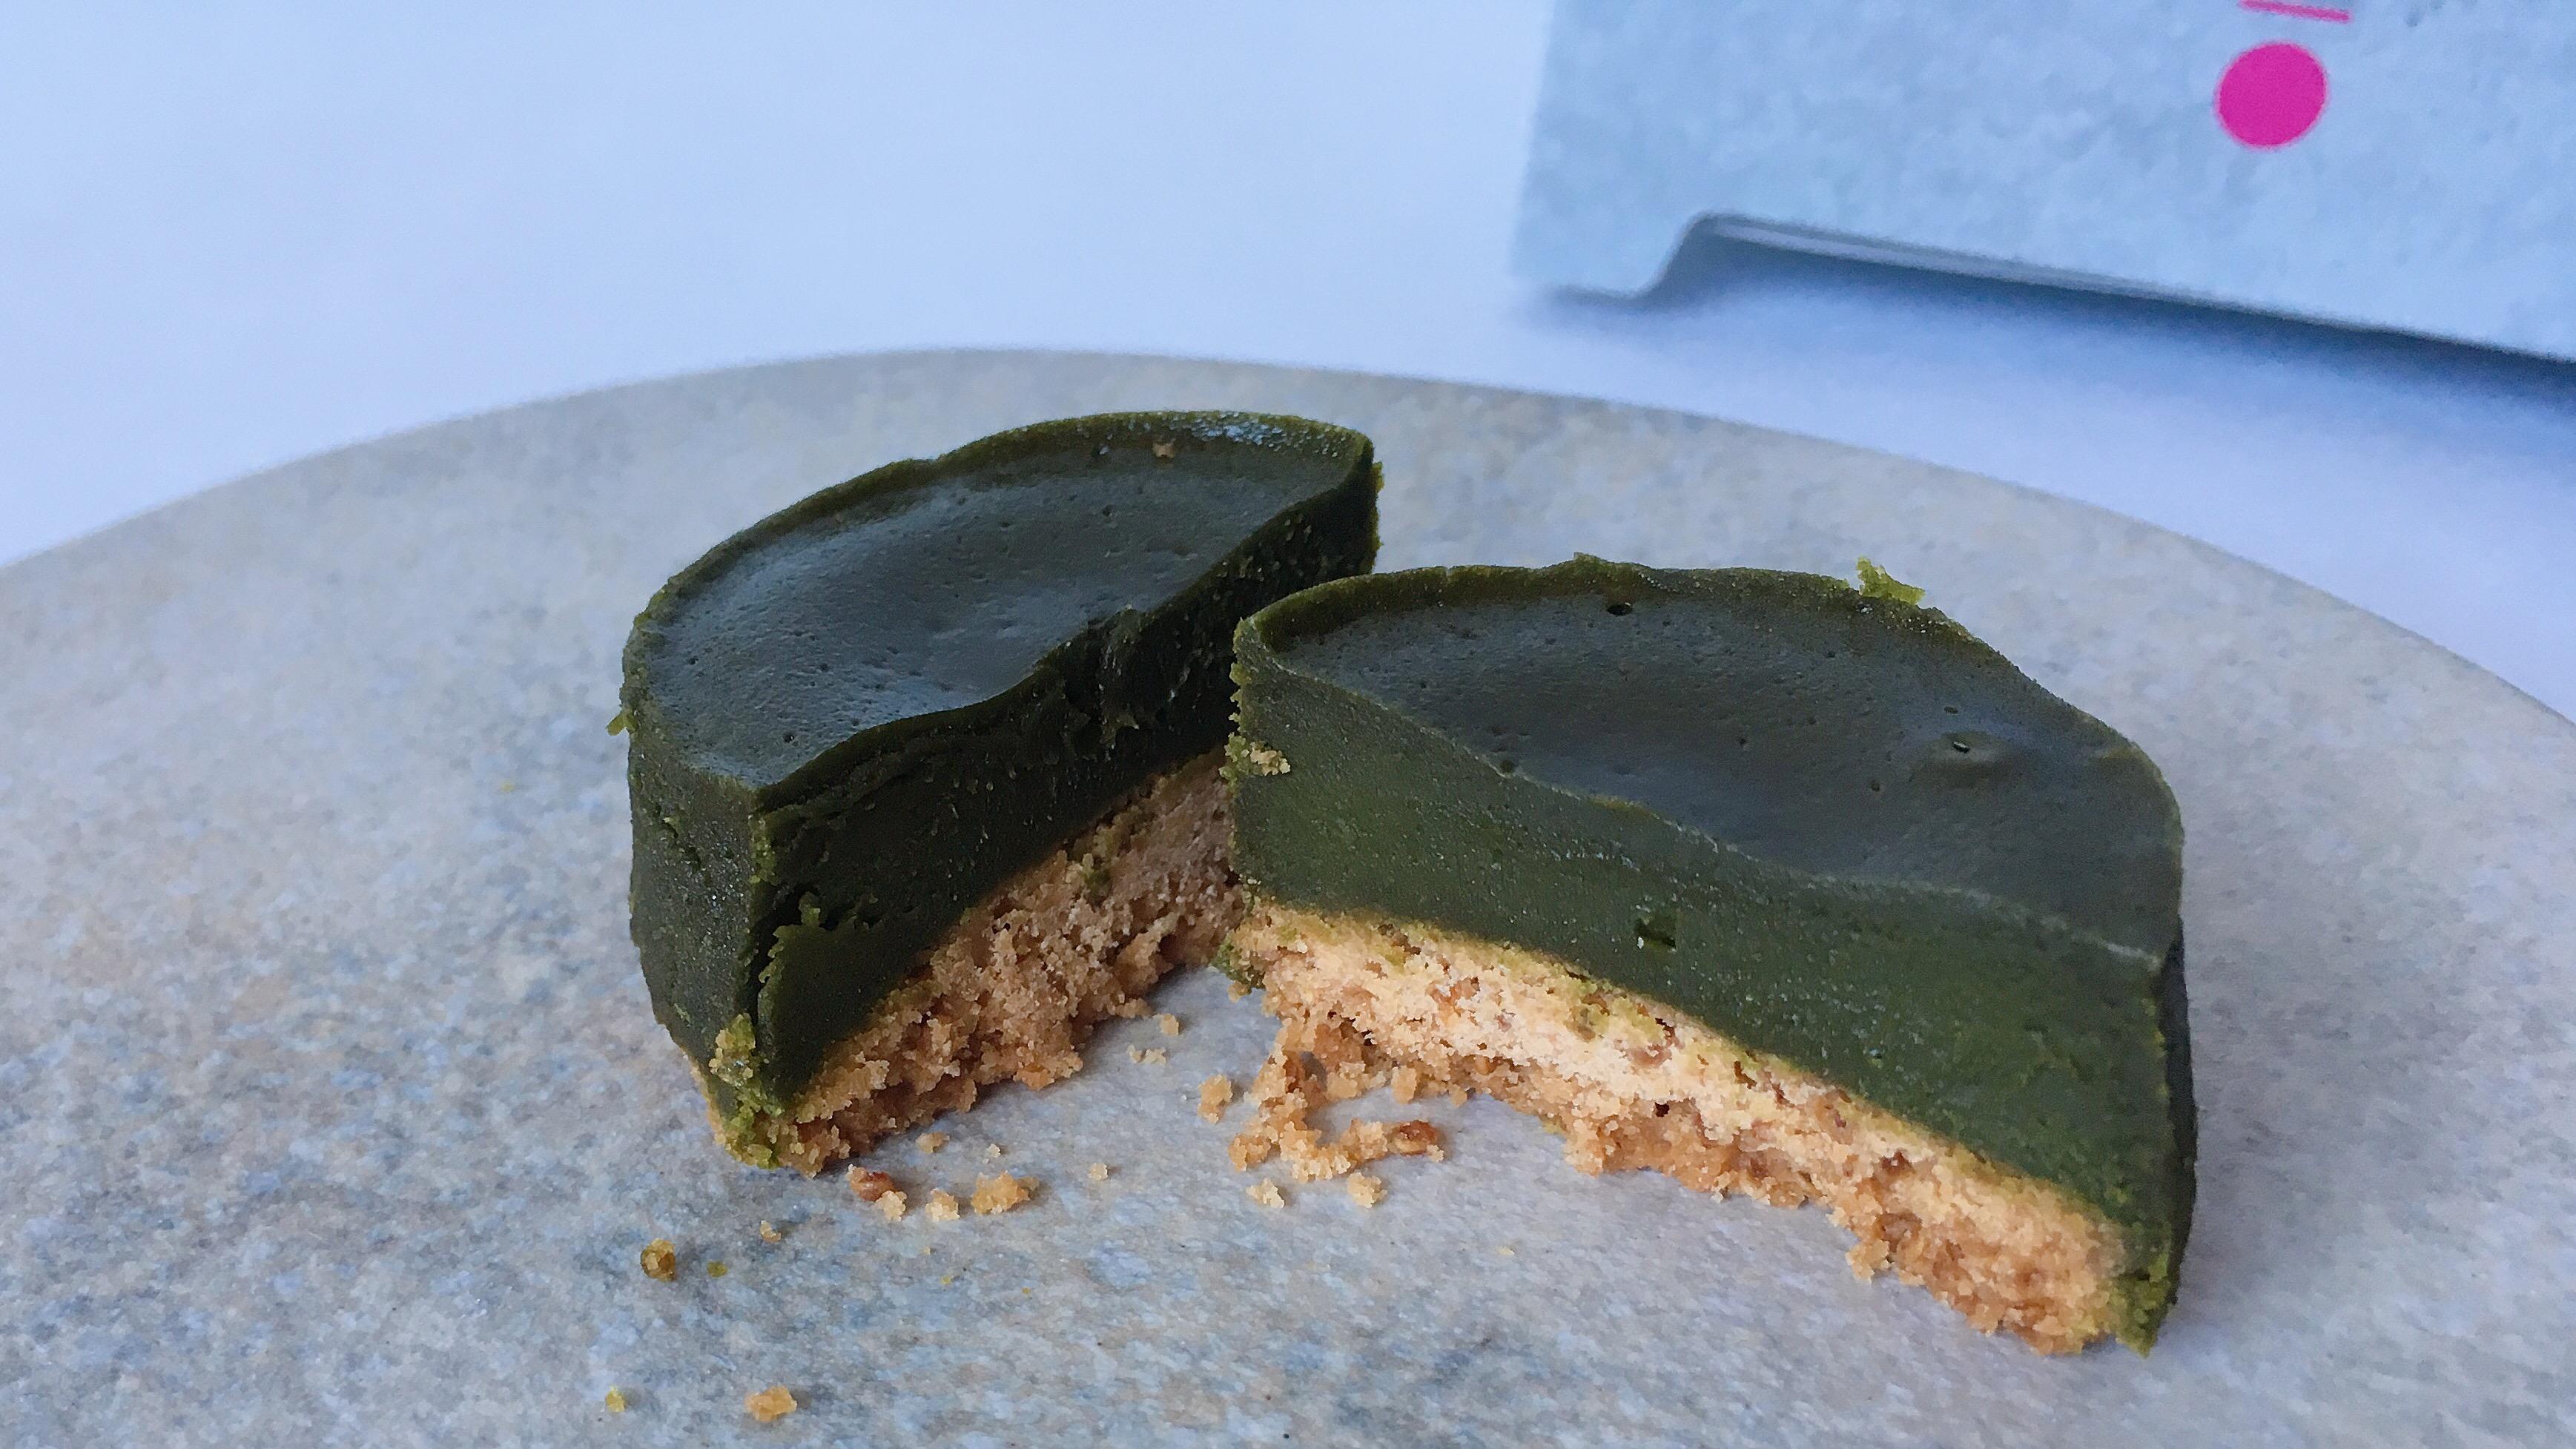 池袋のザクザクとろけるショコラパックザックの京宇治抹茶味の断面